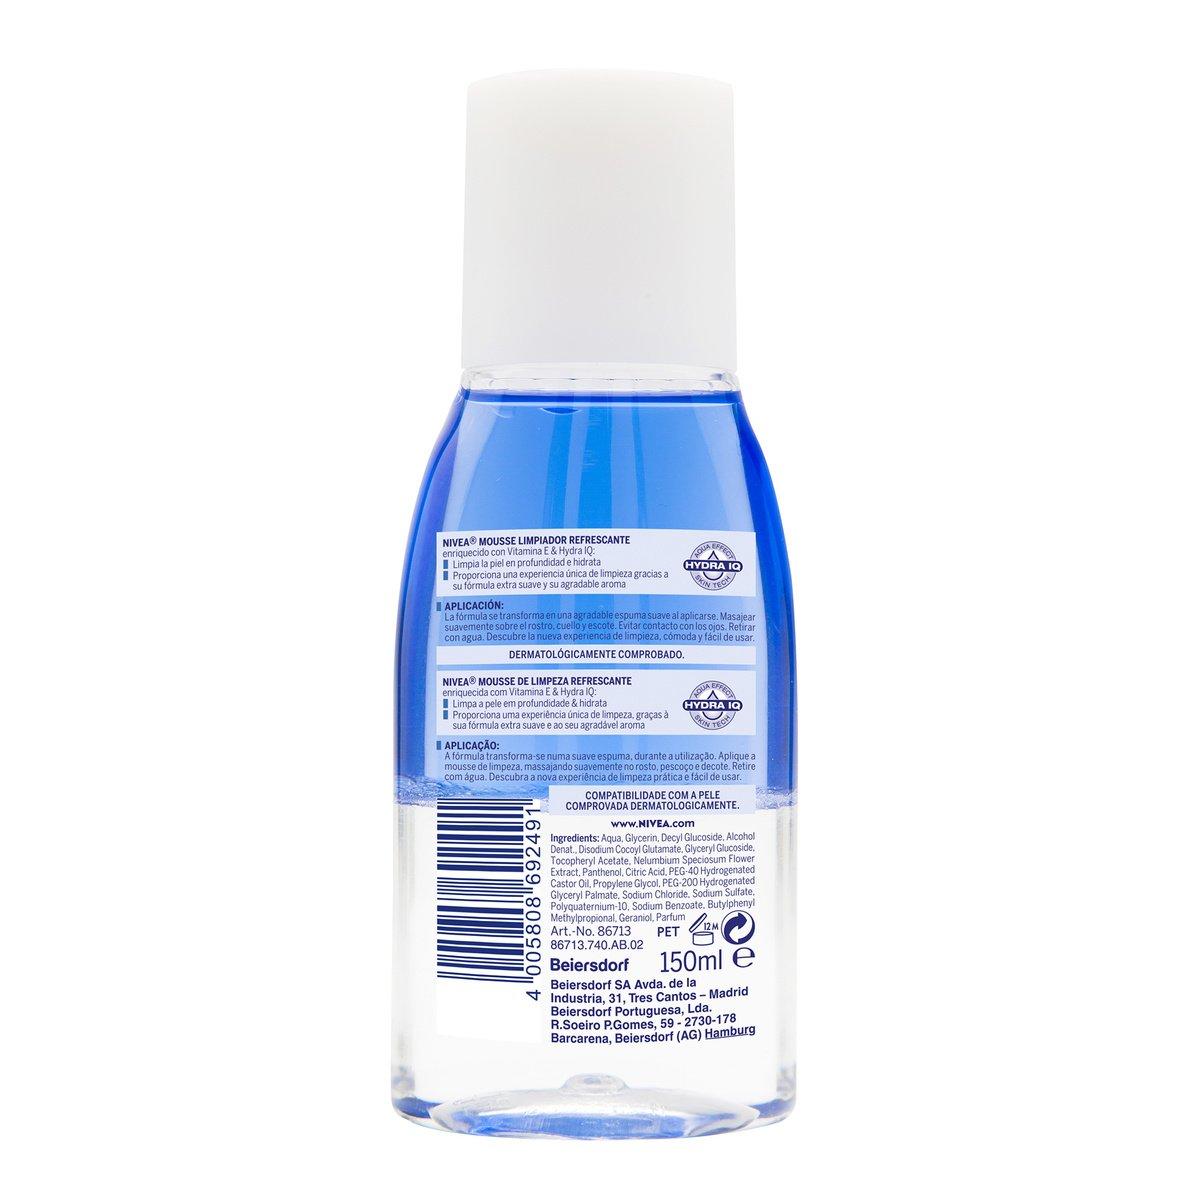 NIVEA Desmaquillador de Ojos Doble Acción, líquido desmaquillante para el contorno de ojos sensible, limpieza facial rápida y suave - 1 x 125 ml: Amazon.es: ...